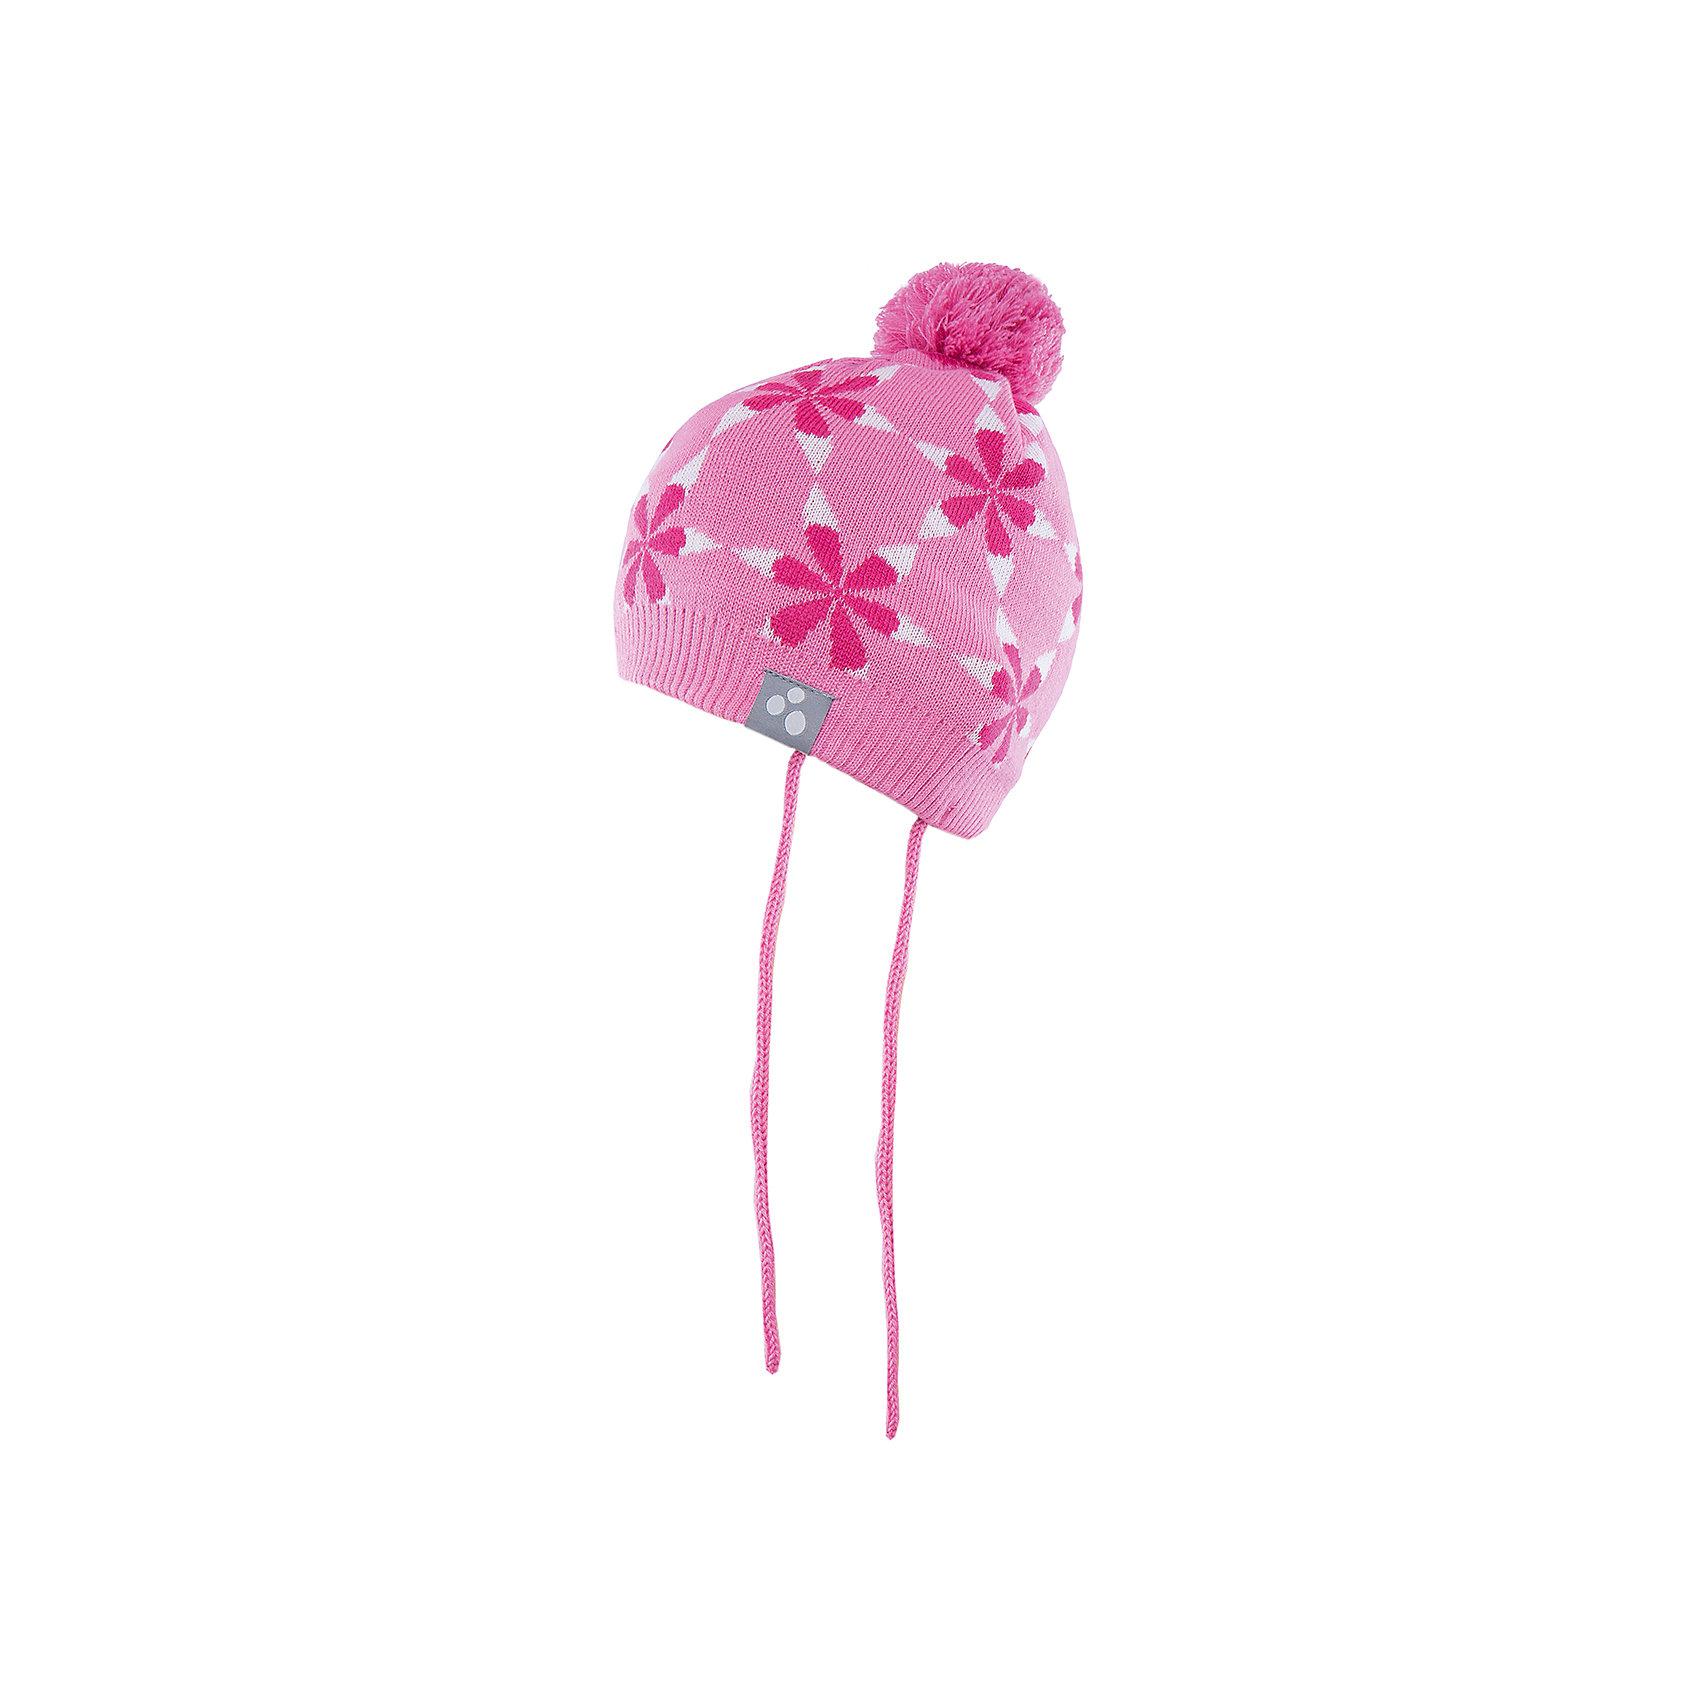 Шапка для девочки HuppaГоловные уборы<br>Вязаная шапка ELI Huppa(Хуппа) изготовлена из материалов, которые отлично сохраняют тепло. Подкладка из хлопка приятна телу и не вызывает раздражения на коже. Шапка украшена цветочным орнаментом и помпоном. Есть светоотражающие элементы.<br><br>Дополнительная информация:<br>Материал: 50% шерсть мериноса, 50% акрил<br>Подкладка: хлопок<br>Цвет: розовый<br><br>Вы можете купить шапку ELI Huppa(Хуппа) в нашем интернет-магазине.<br><br>Ширина мм: 89<br>Глубина мм: 117<br>Высота мм: 44<br>Вес г: 155<br>Цвет: розовый<br>Возраст от месяцев: 9<br>Возраст до месяцев: 12<br>Пол: Женский<br>Возраст: Детский<br>Размер: 43-45,51-53,47-49<br>SKU: 4923850